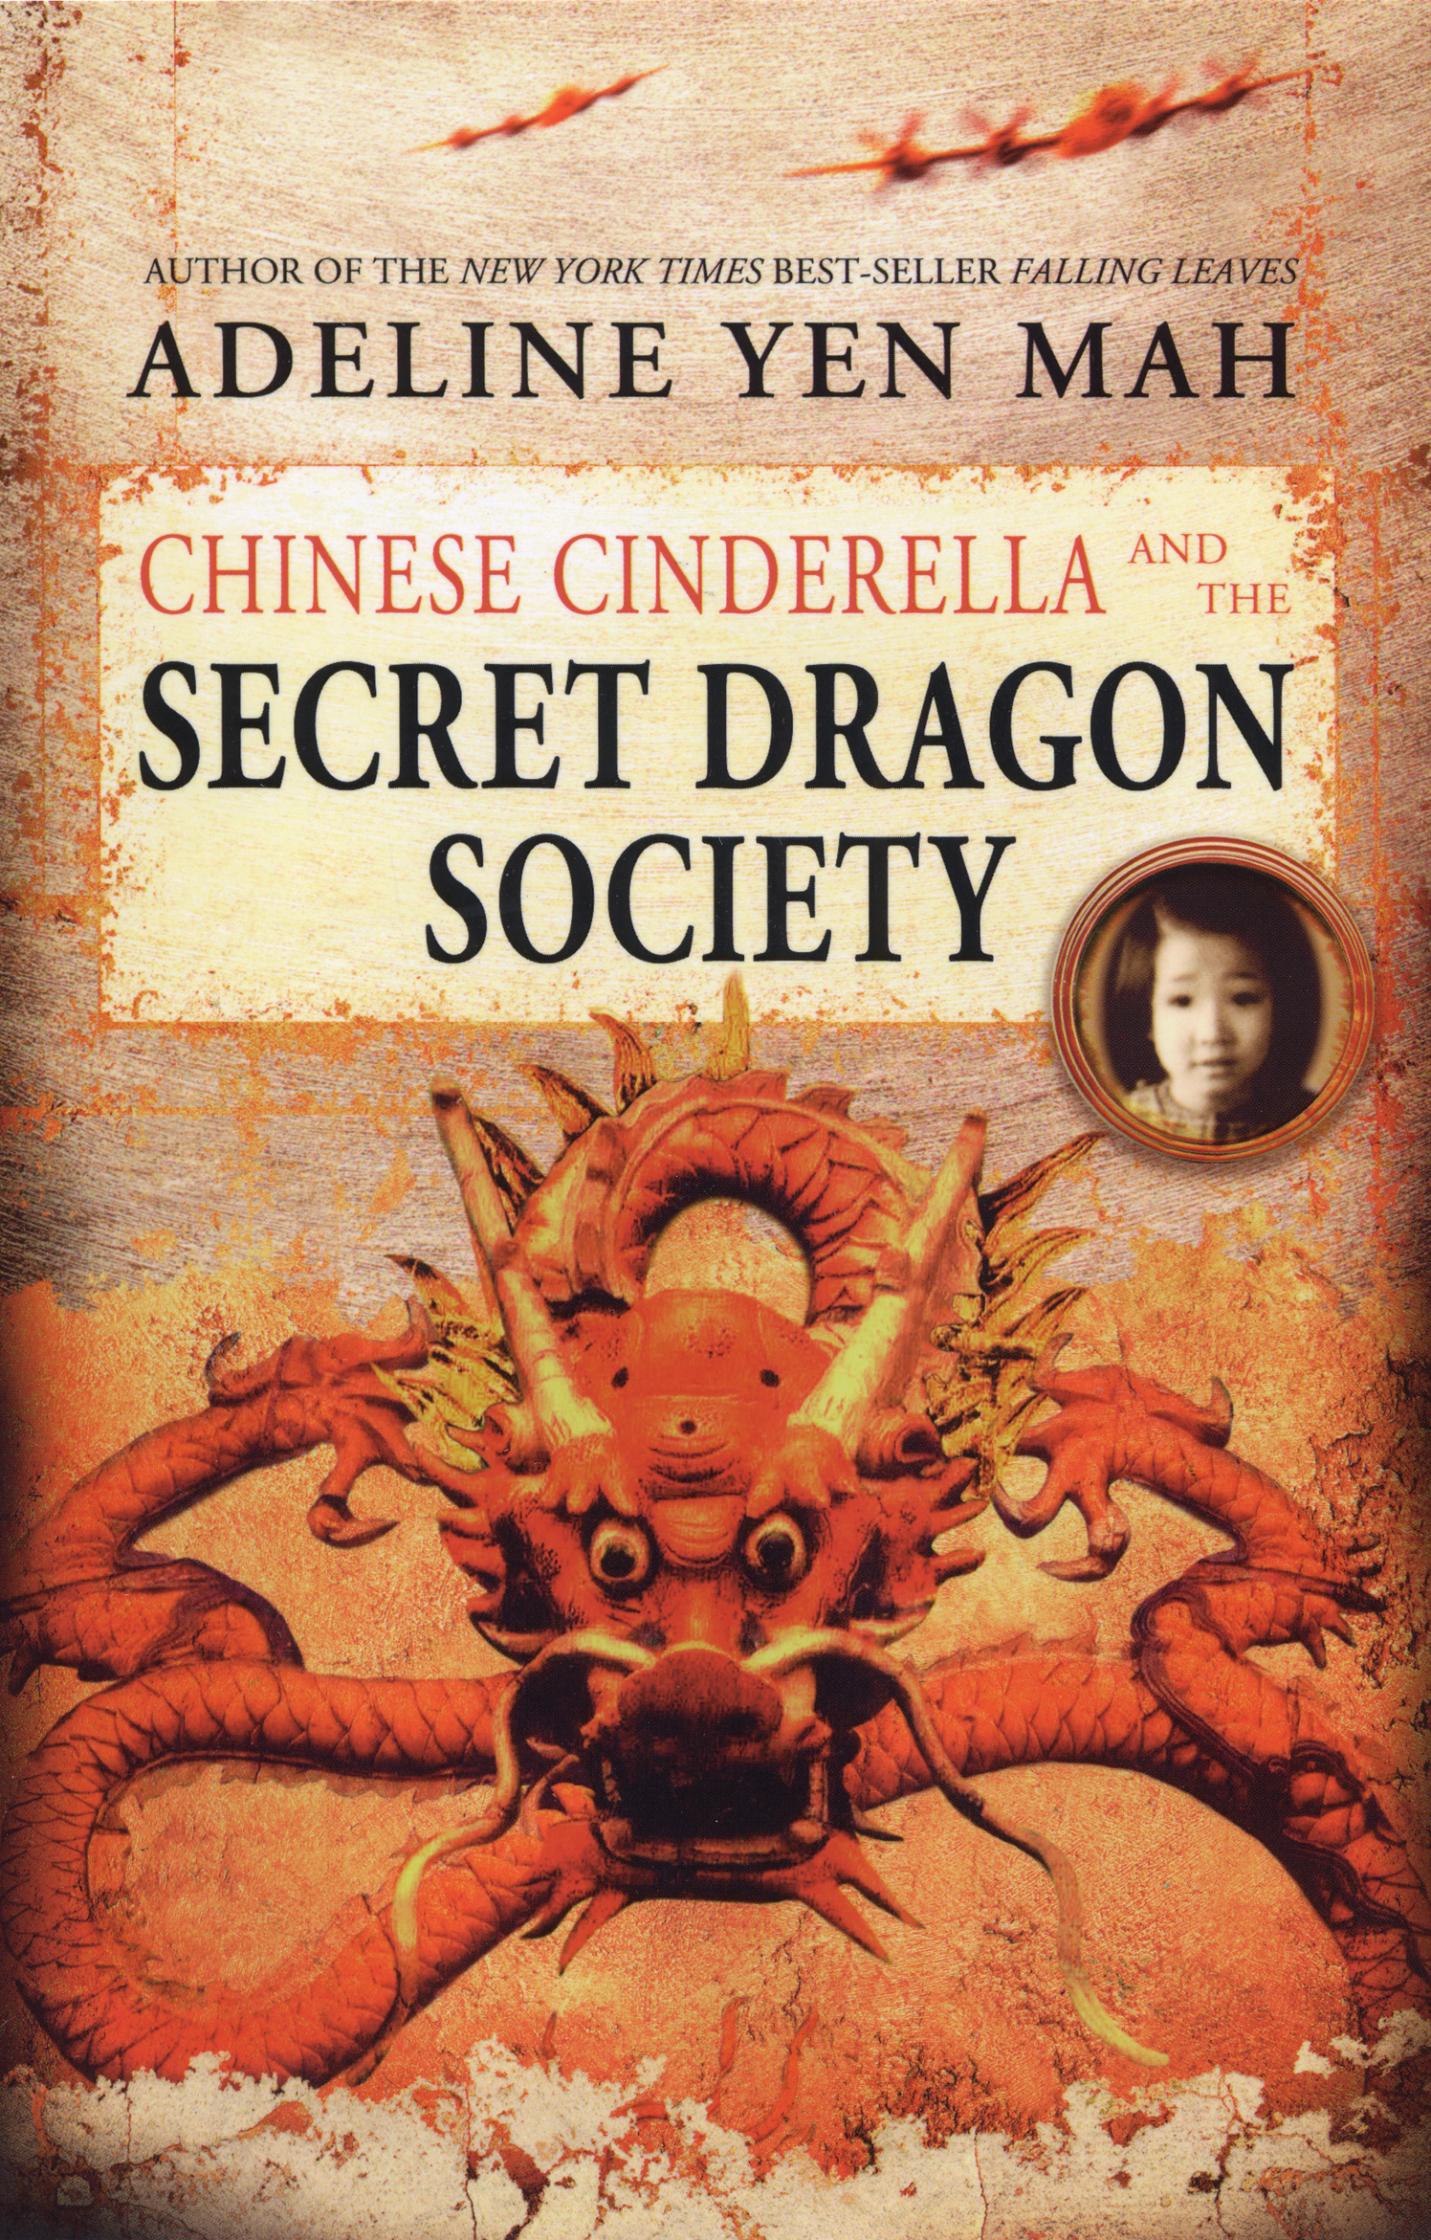 Chinese Cinderella Adeline Yen Mah Harper Collins